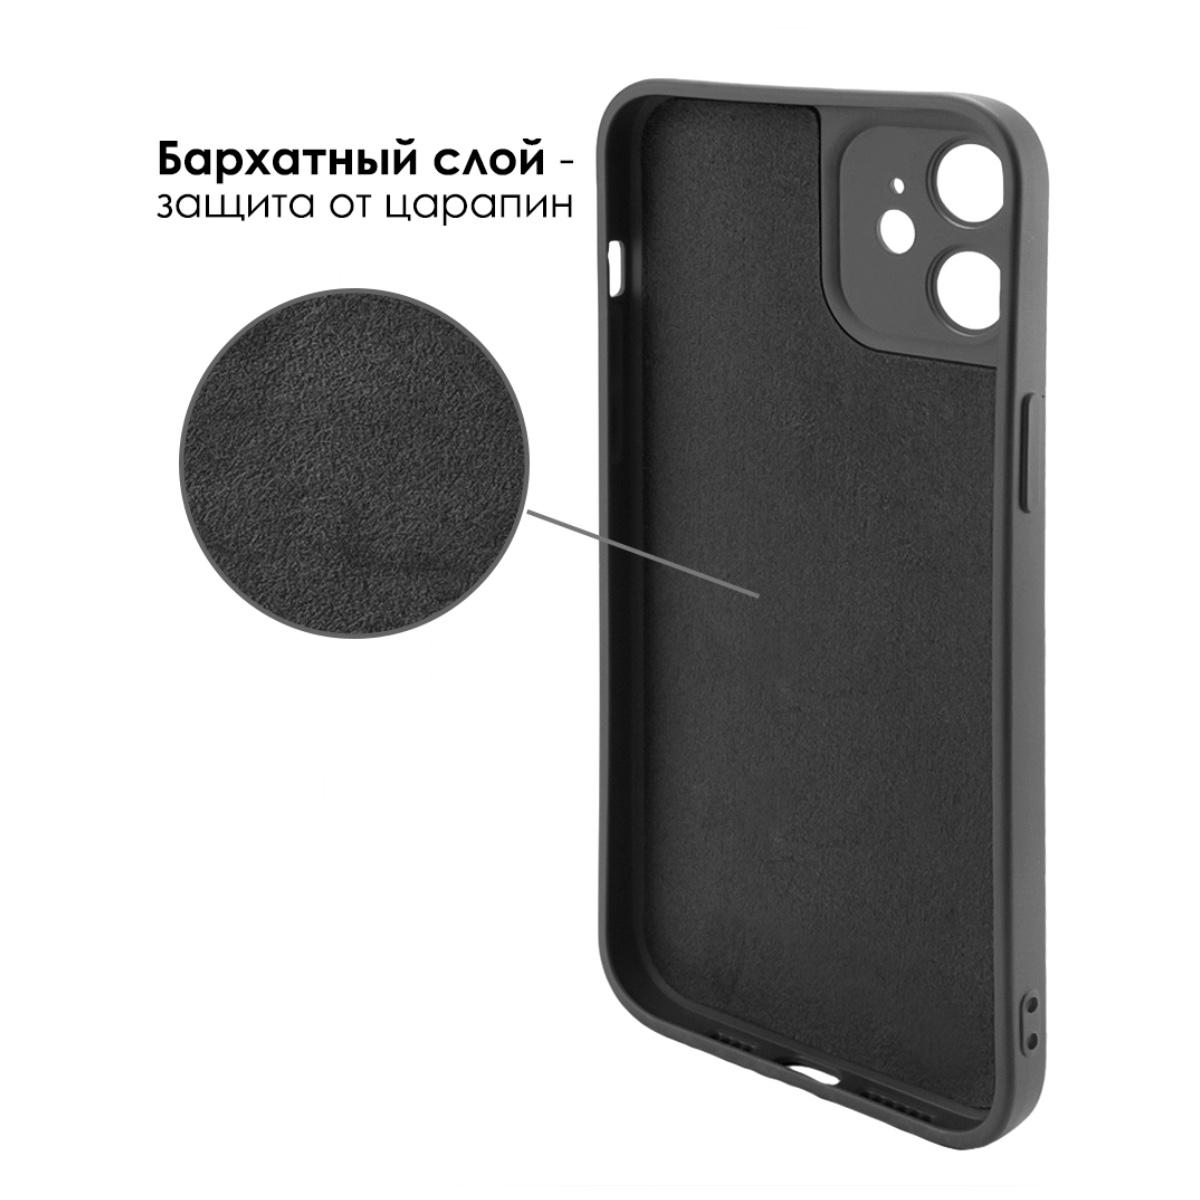 Черный силиконовый чехол для iPhone 11 Черный лаковый Герб Северной Осетии для Айфон 11